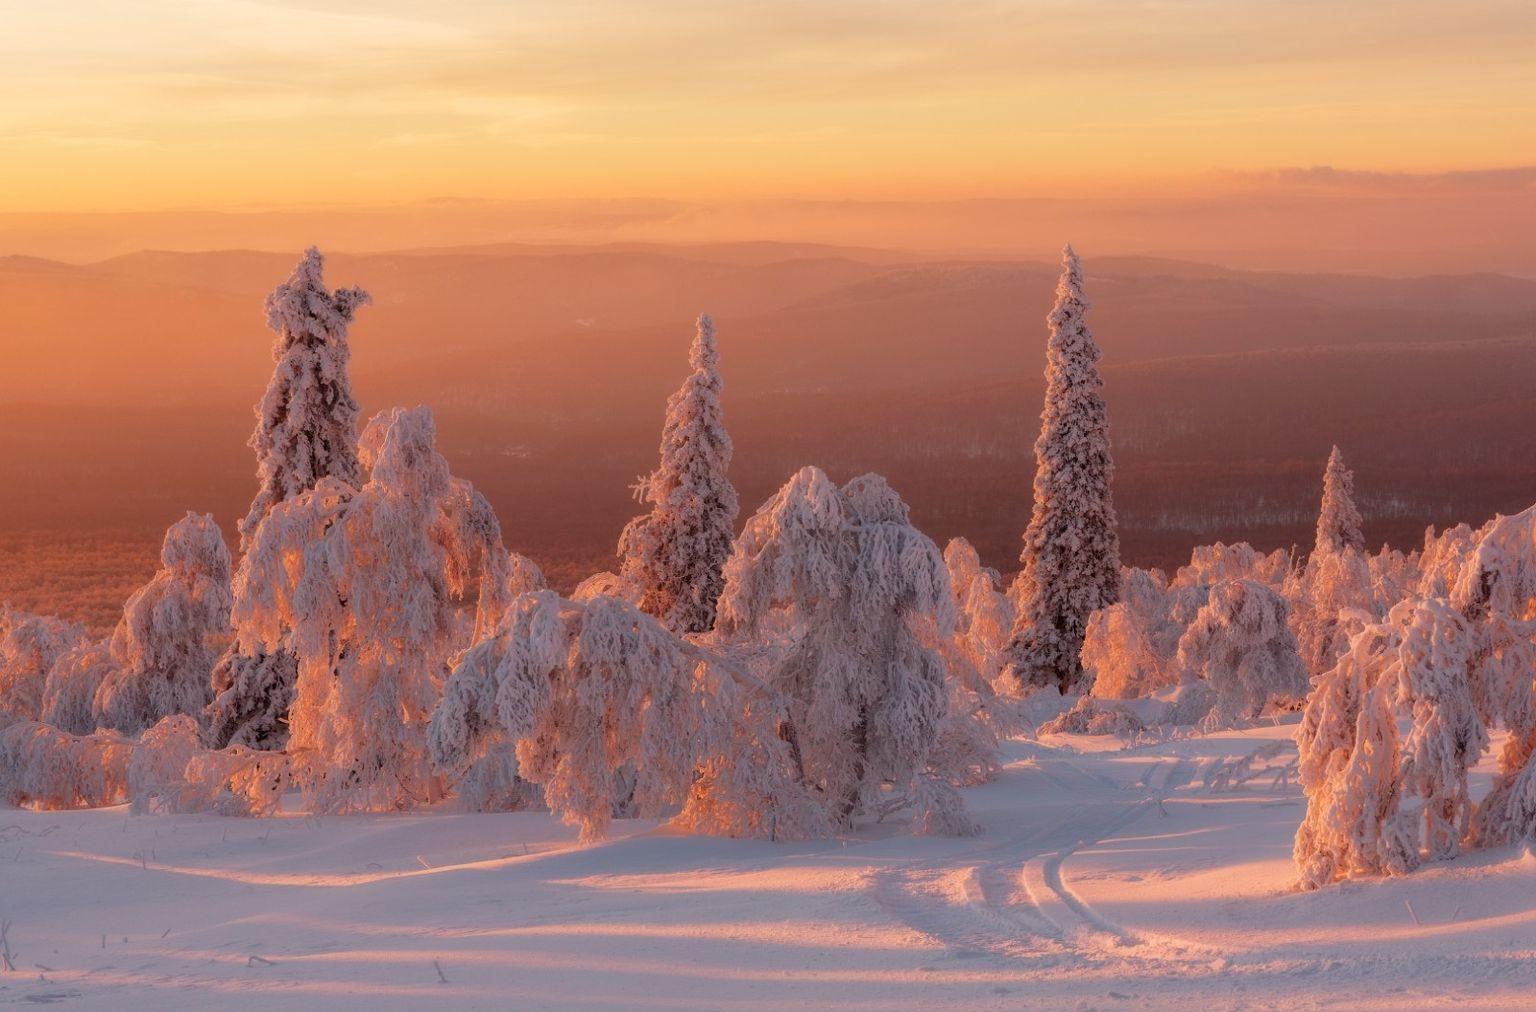 тех русская зима красивые картинки ней